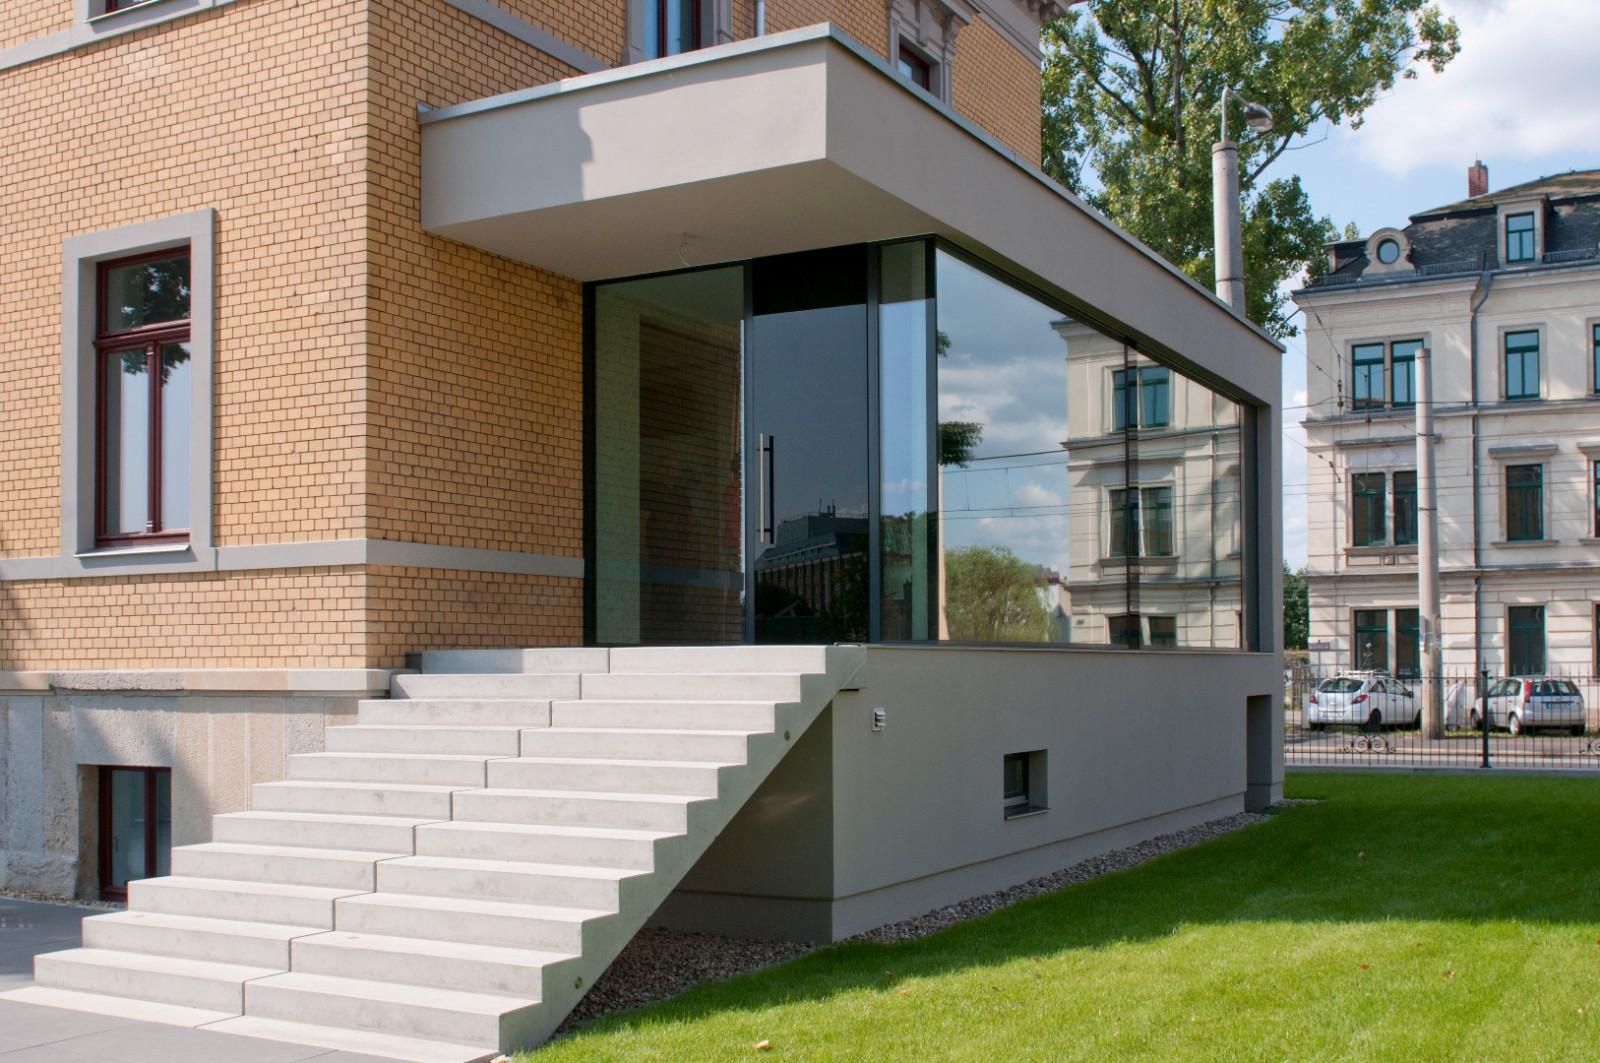 Villa und trafogeb ude seidel architekten - Seidel architekten ...